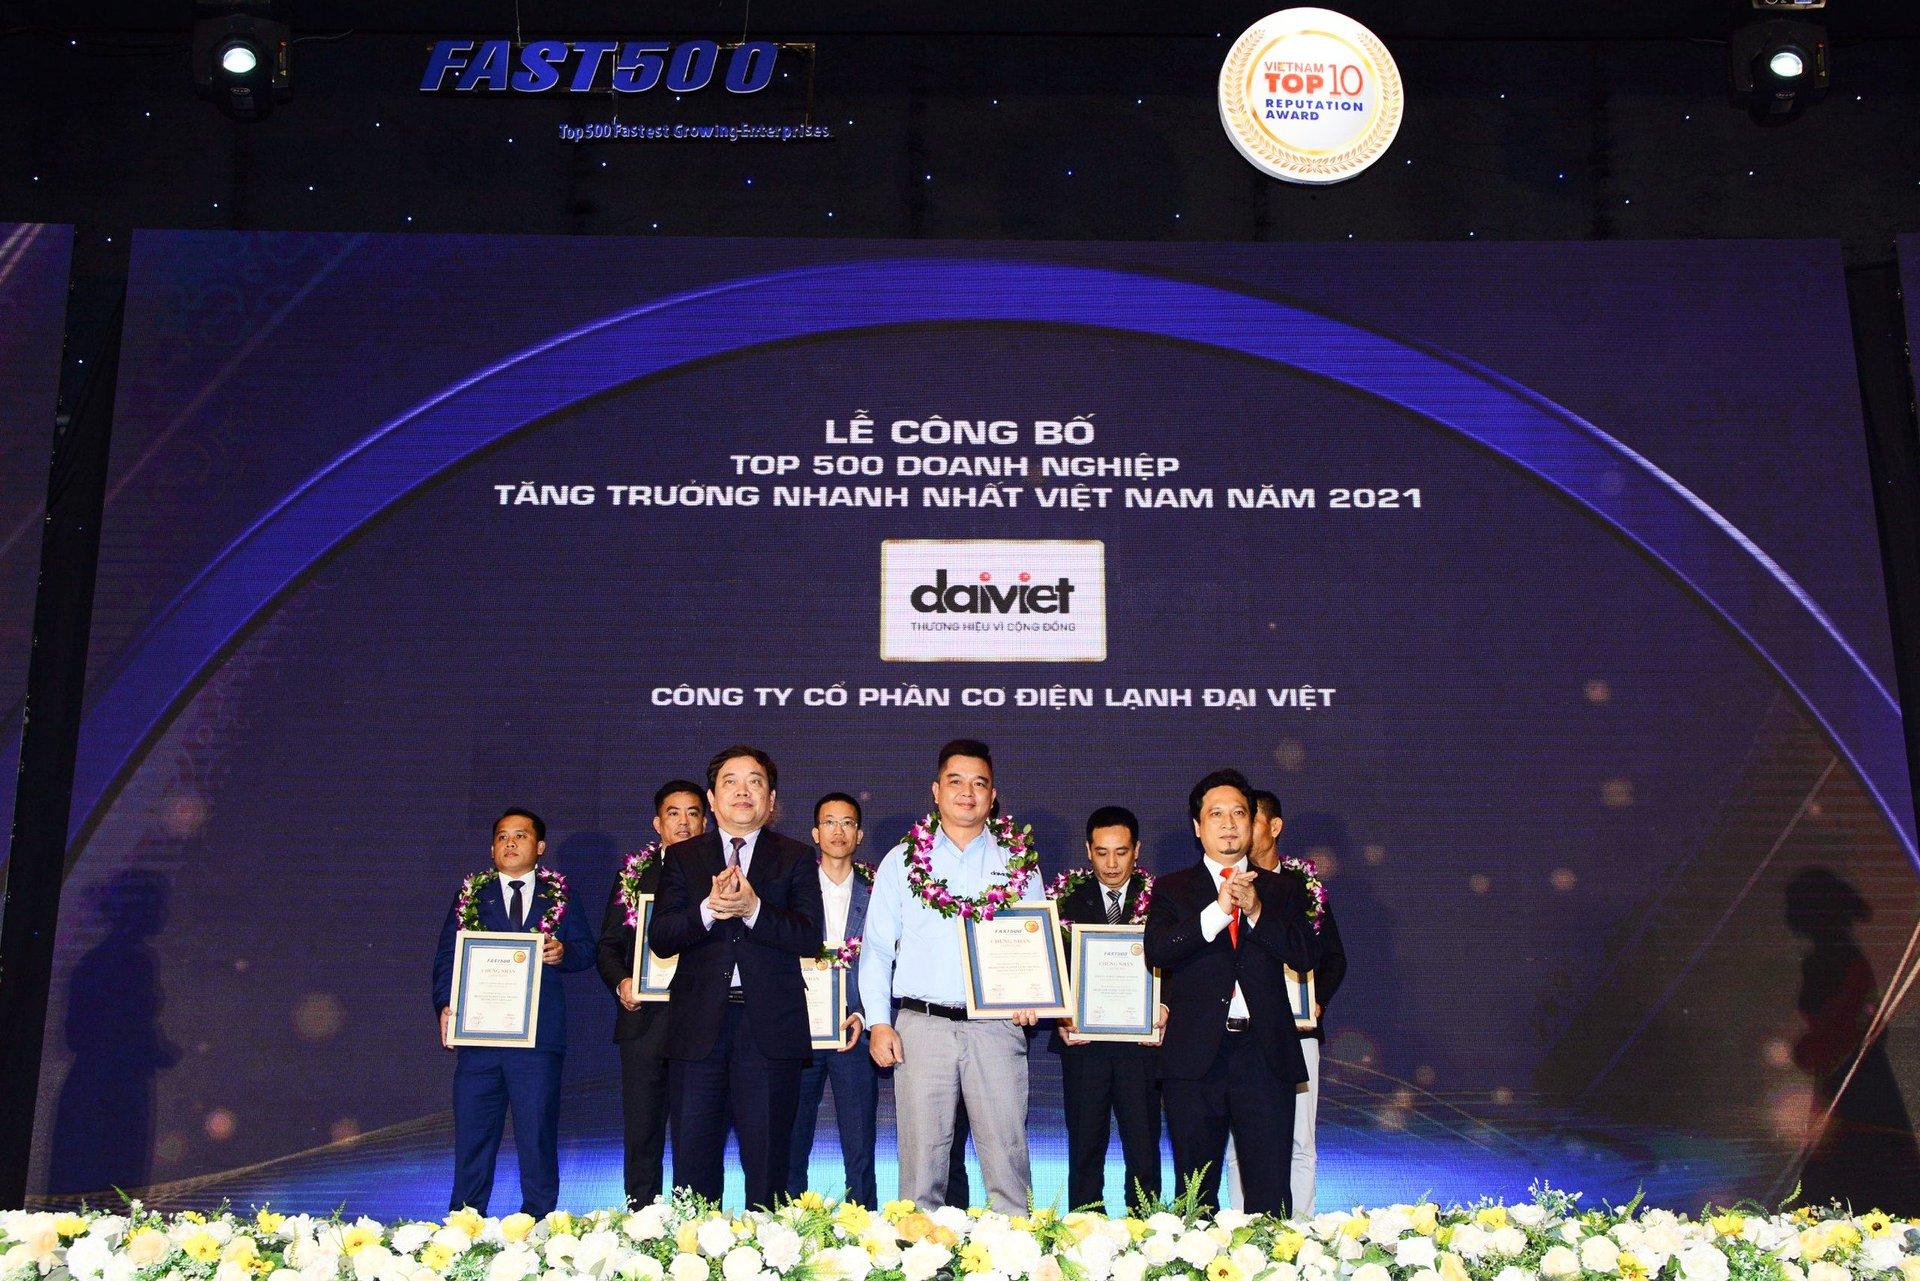 Tập đoàn Đại Việt lọt Top 19 doanh nghiệp tăng trưởng nhanh nhất năm 2021